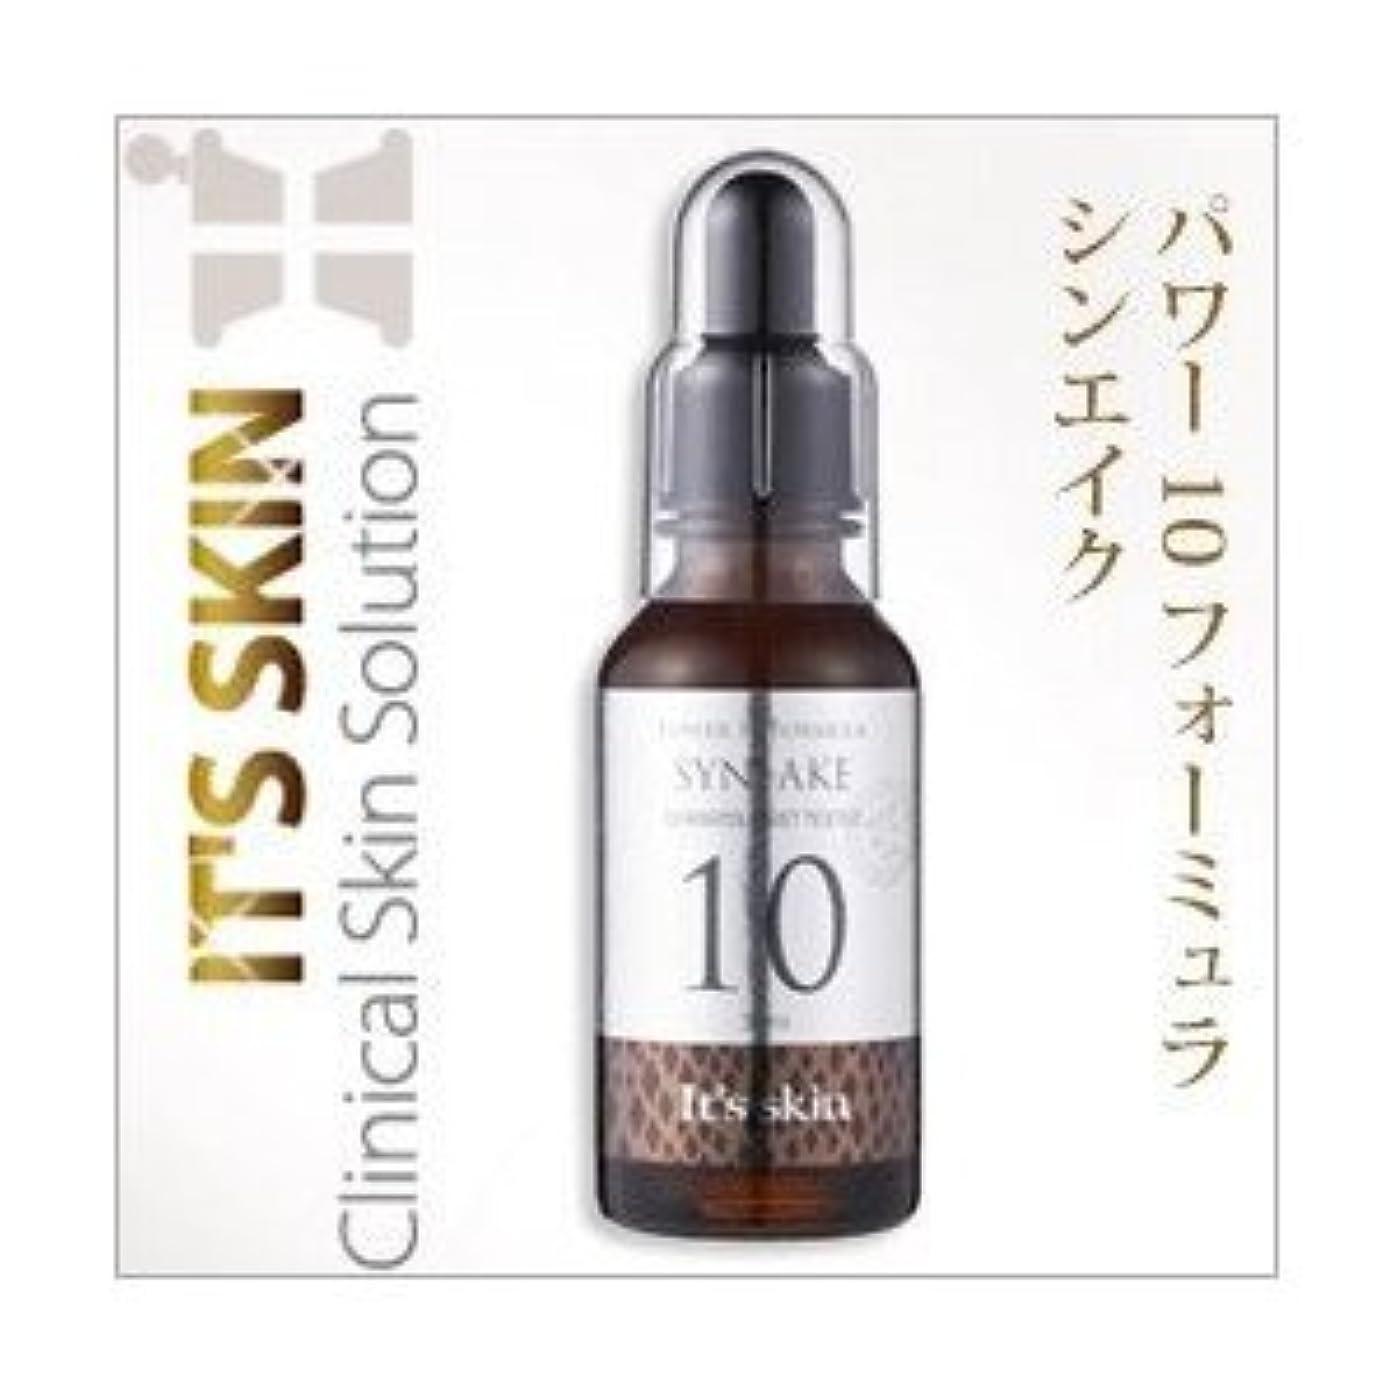 首無効にする申込みIt's skin/イッツスキン power 10 formula SYN-AKE パワー 10 フォーミュラ シンエイク (毒ヘビ) 30ml